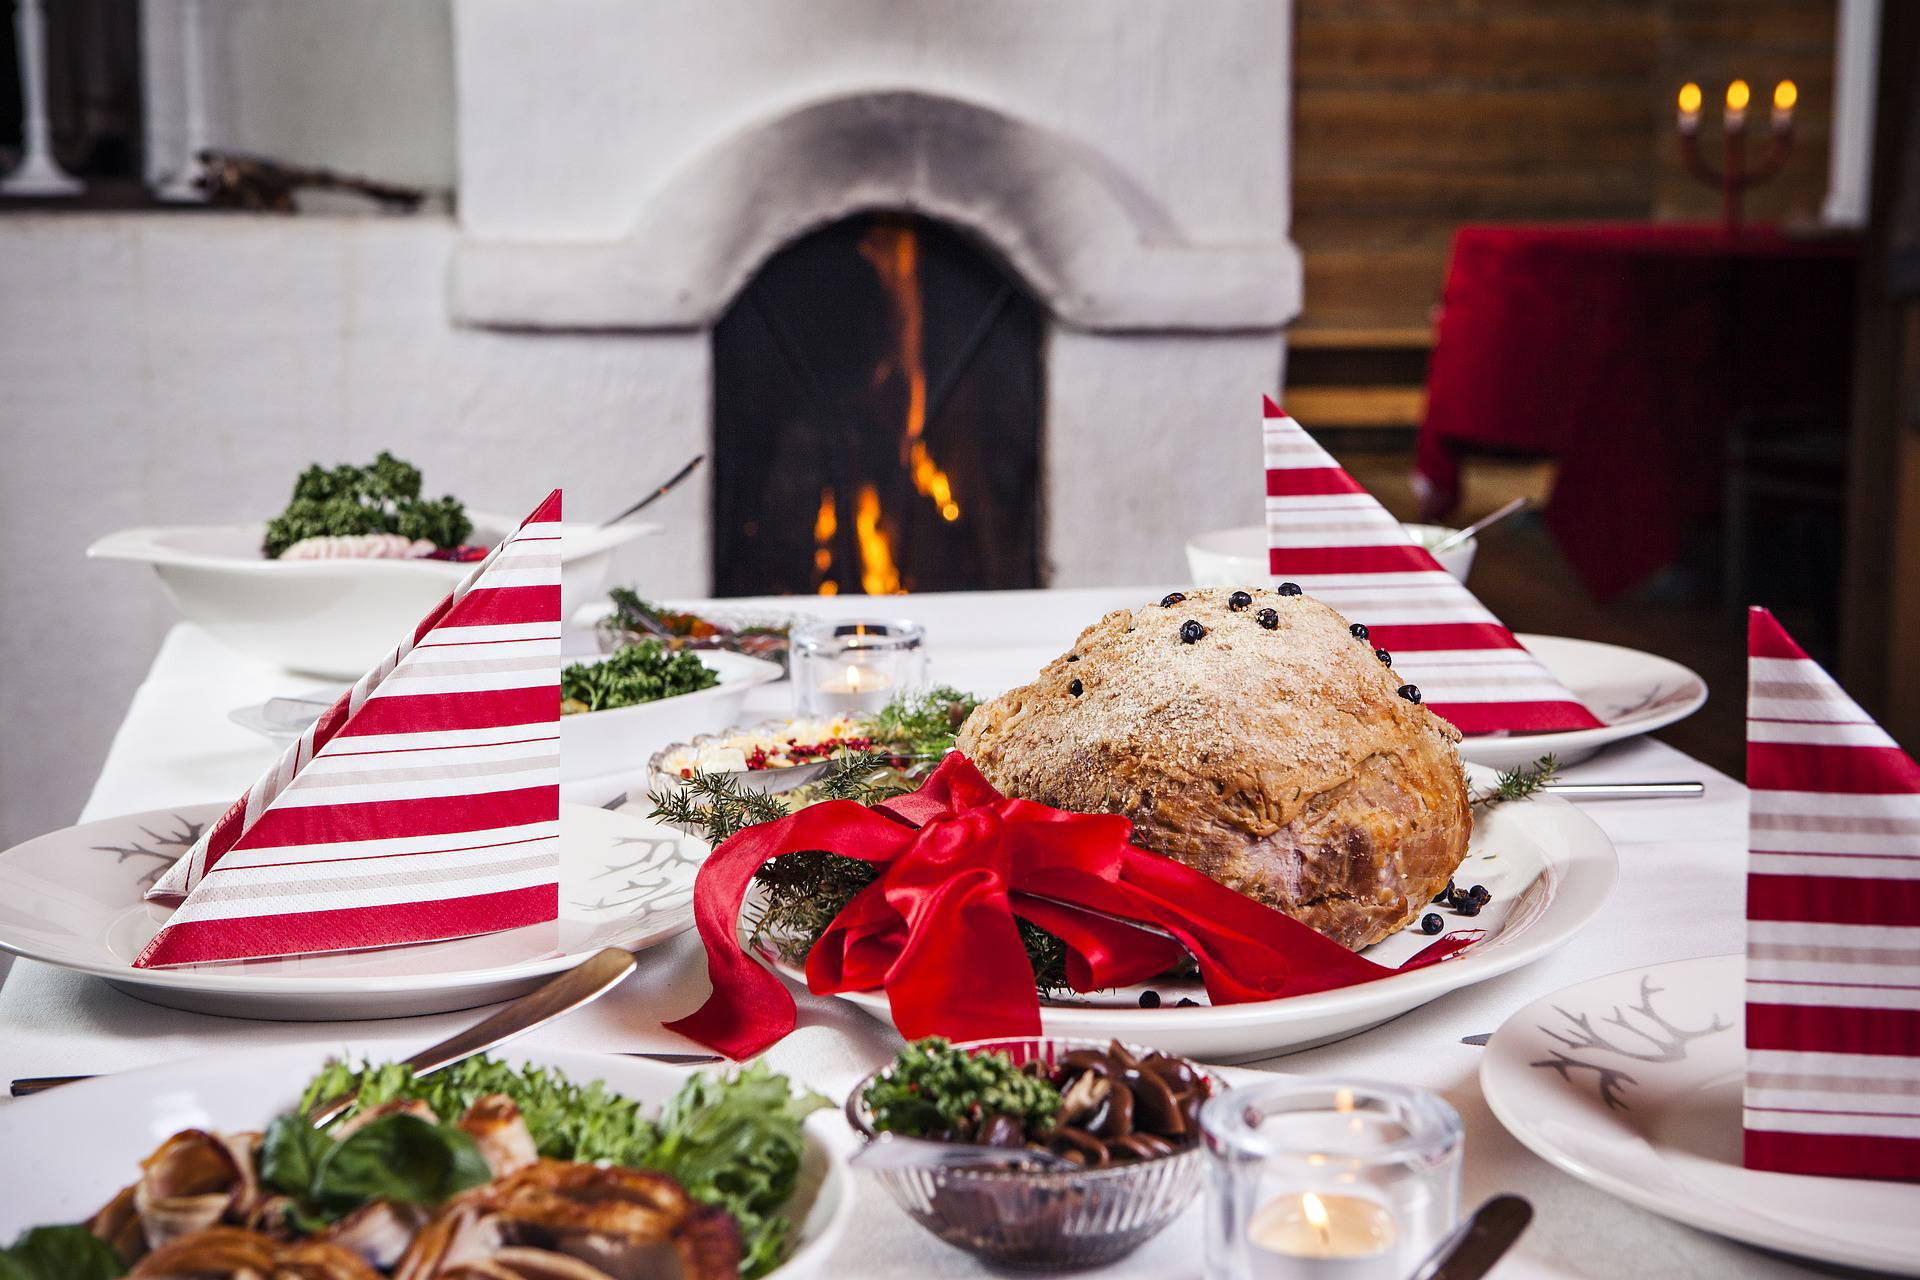 Pranzo di Natale a base di pesce, tutte le ricetta dall'antipasto al contorno